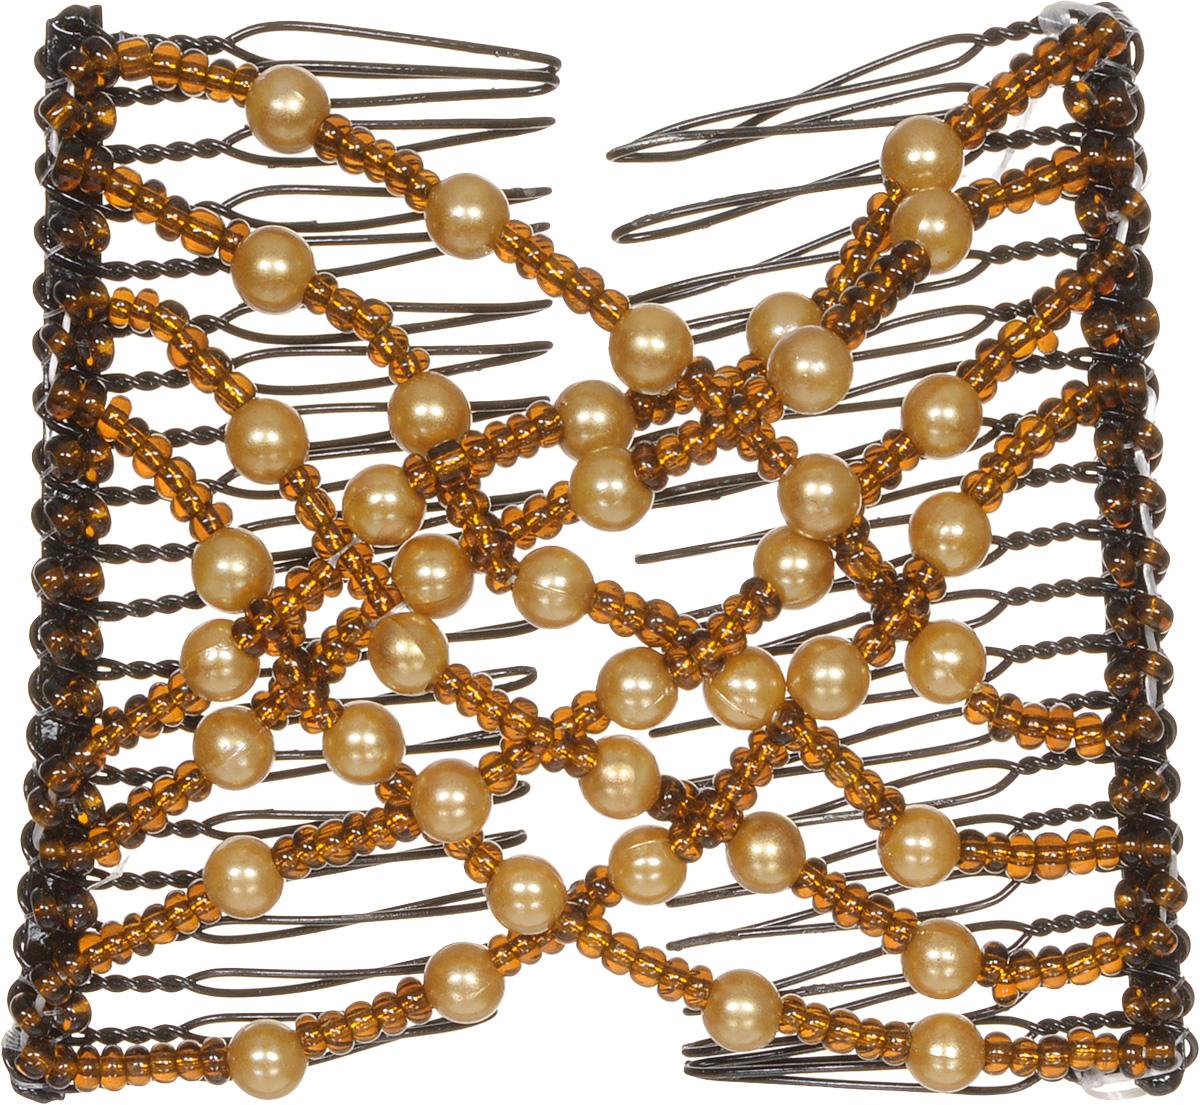 EZ-Combs Заколка Изи-Комбс, одинарная, цвет: коричневый. ЗИО_жемчуг ez combs заколка изи комбс одинарная цвет коричневый зио сердечки